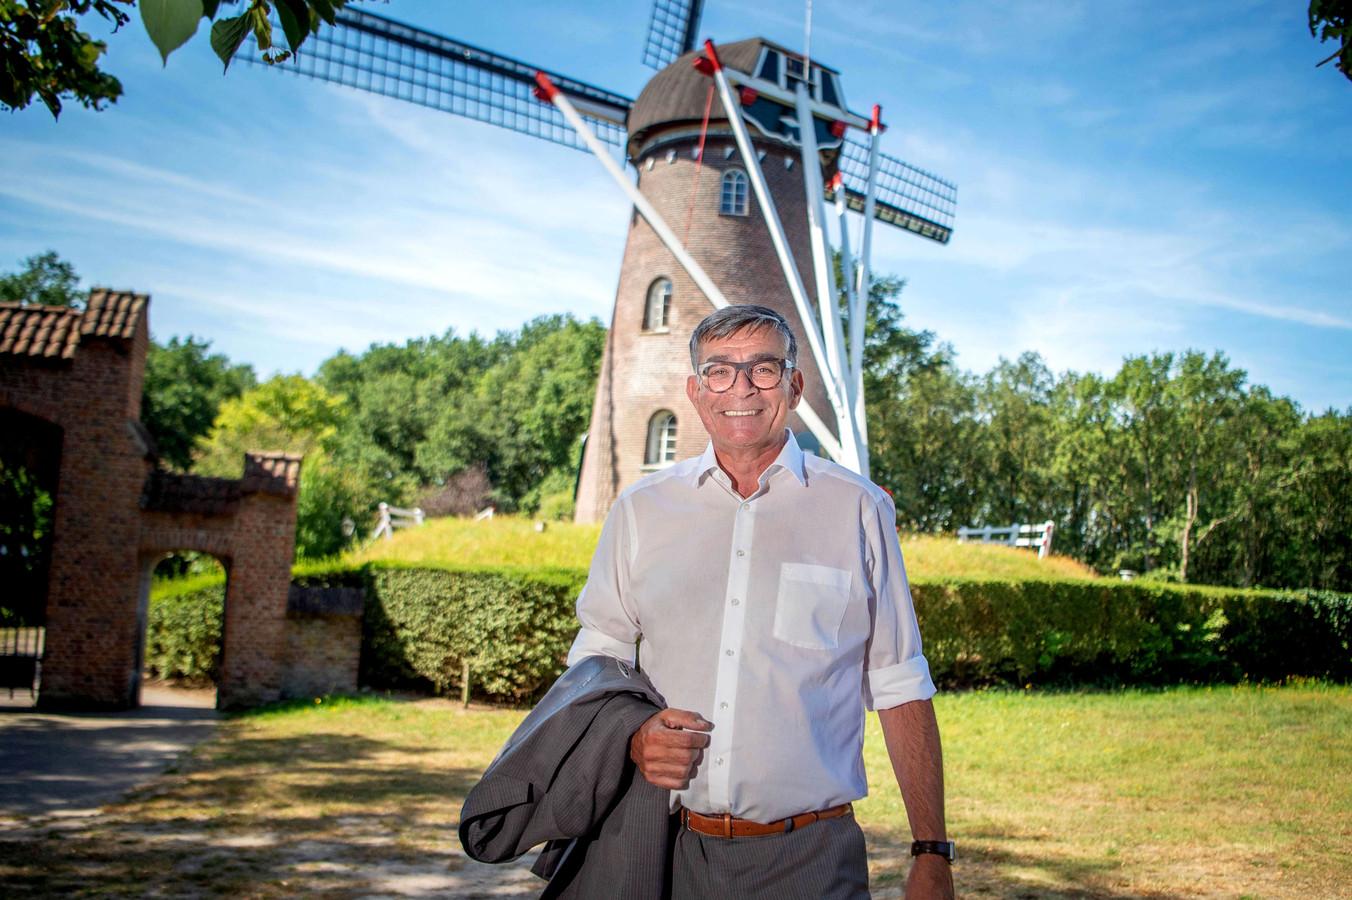 Wethouder Loermans bij de Molen op de Kapelberg.